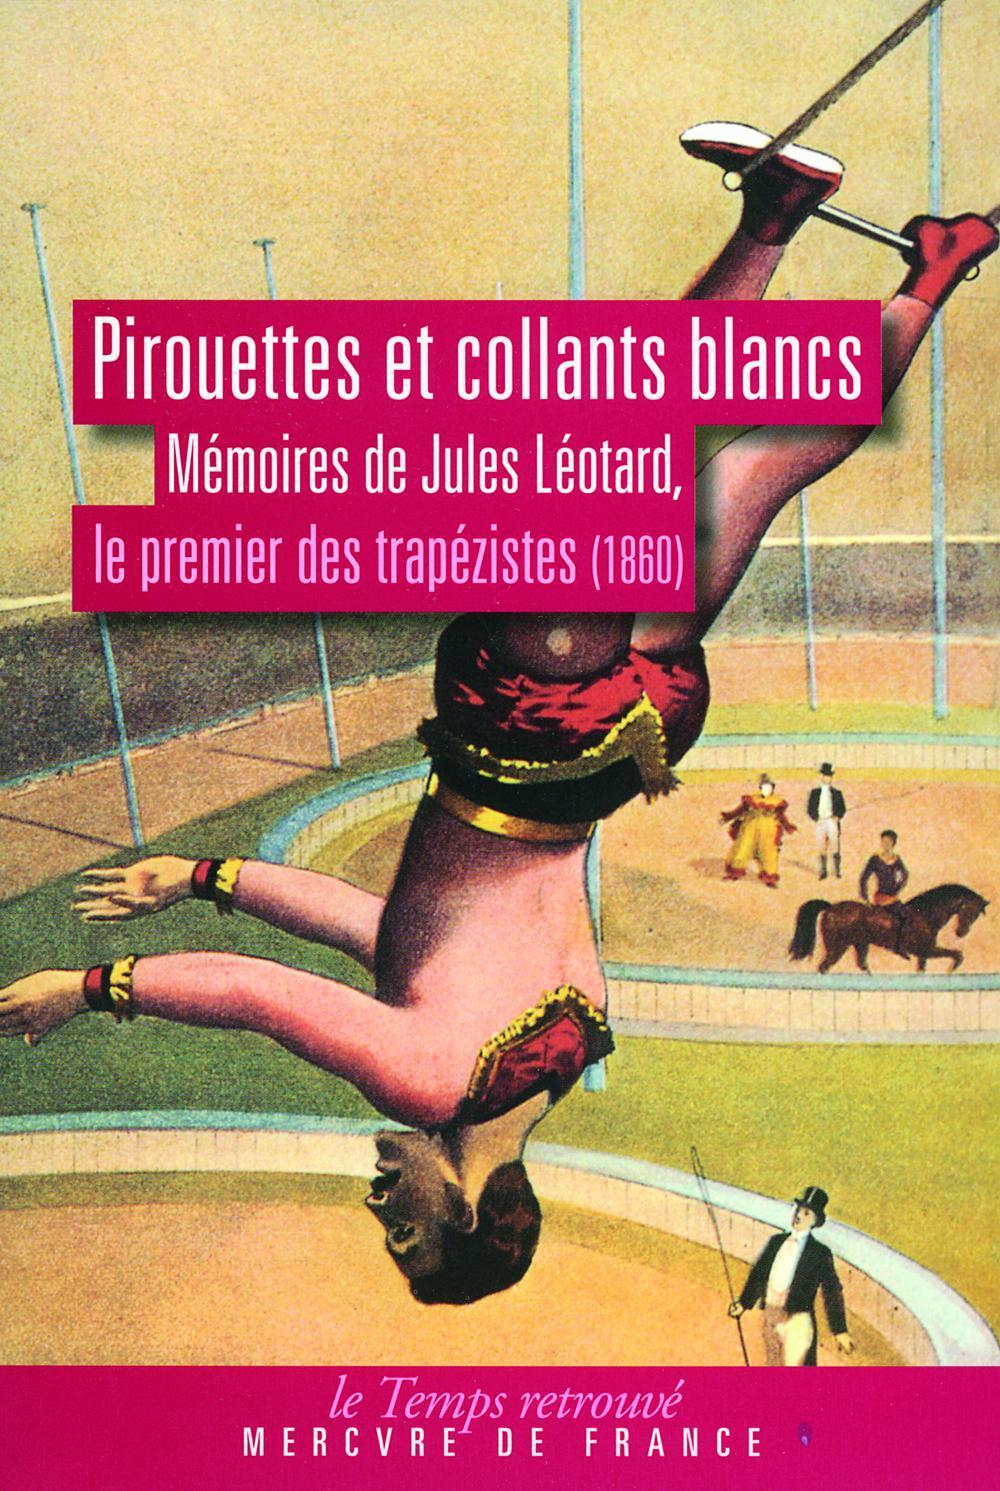 Pirouettes et collants blancs, MÉMOIRES DE JULES LÉOTARD, LE PREMIER DES TRAPÉZISTES (1860)